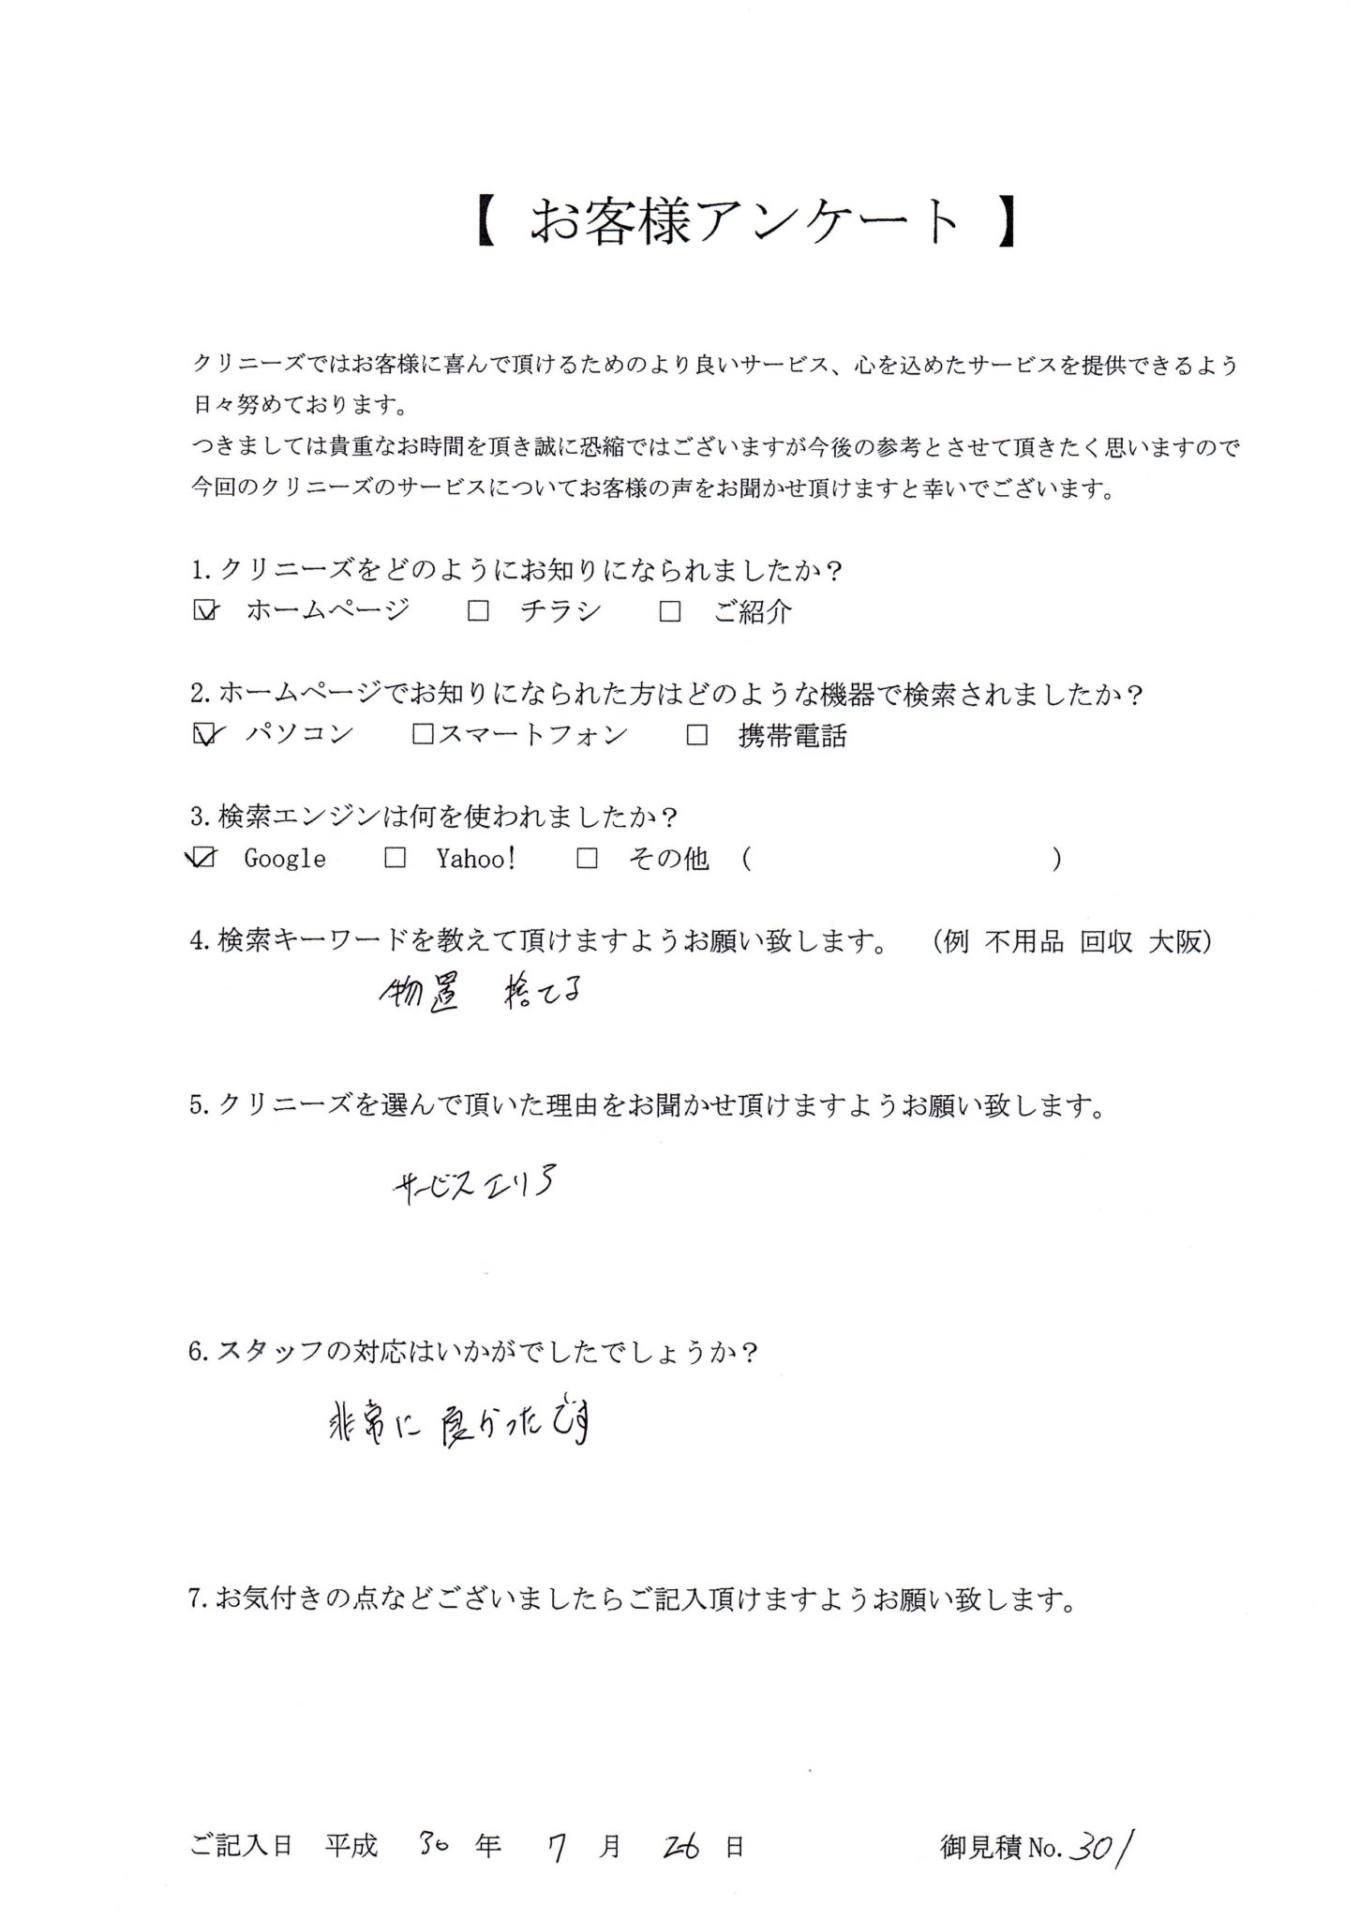 兵庫県川西市での遺品買取アンケート